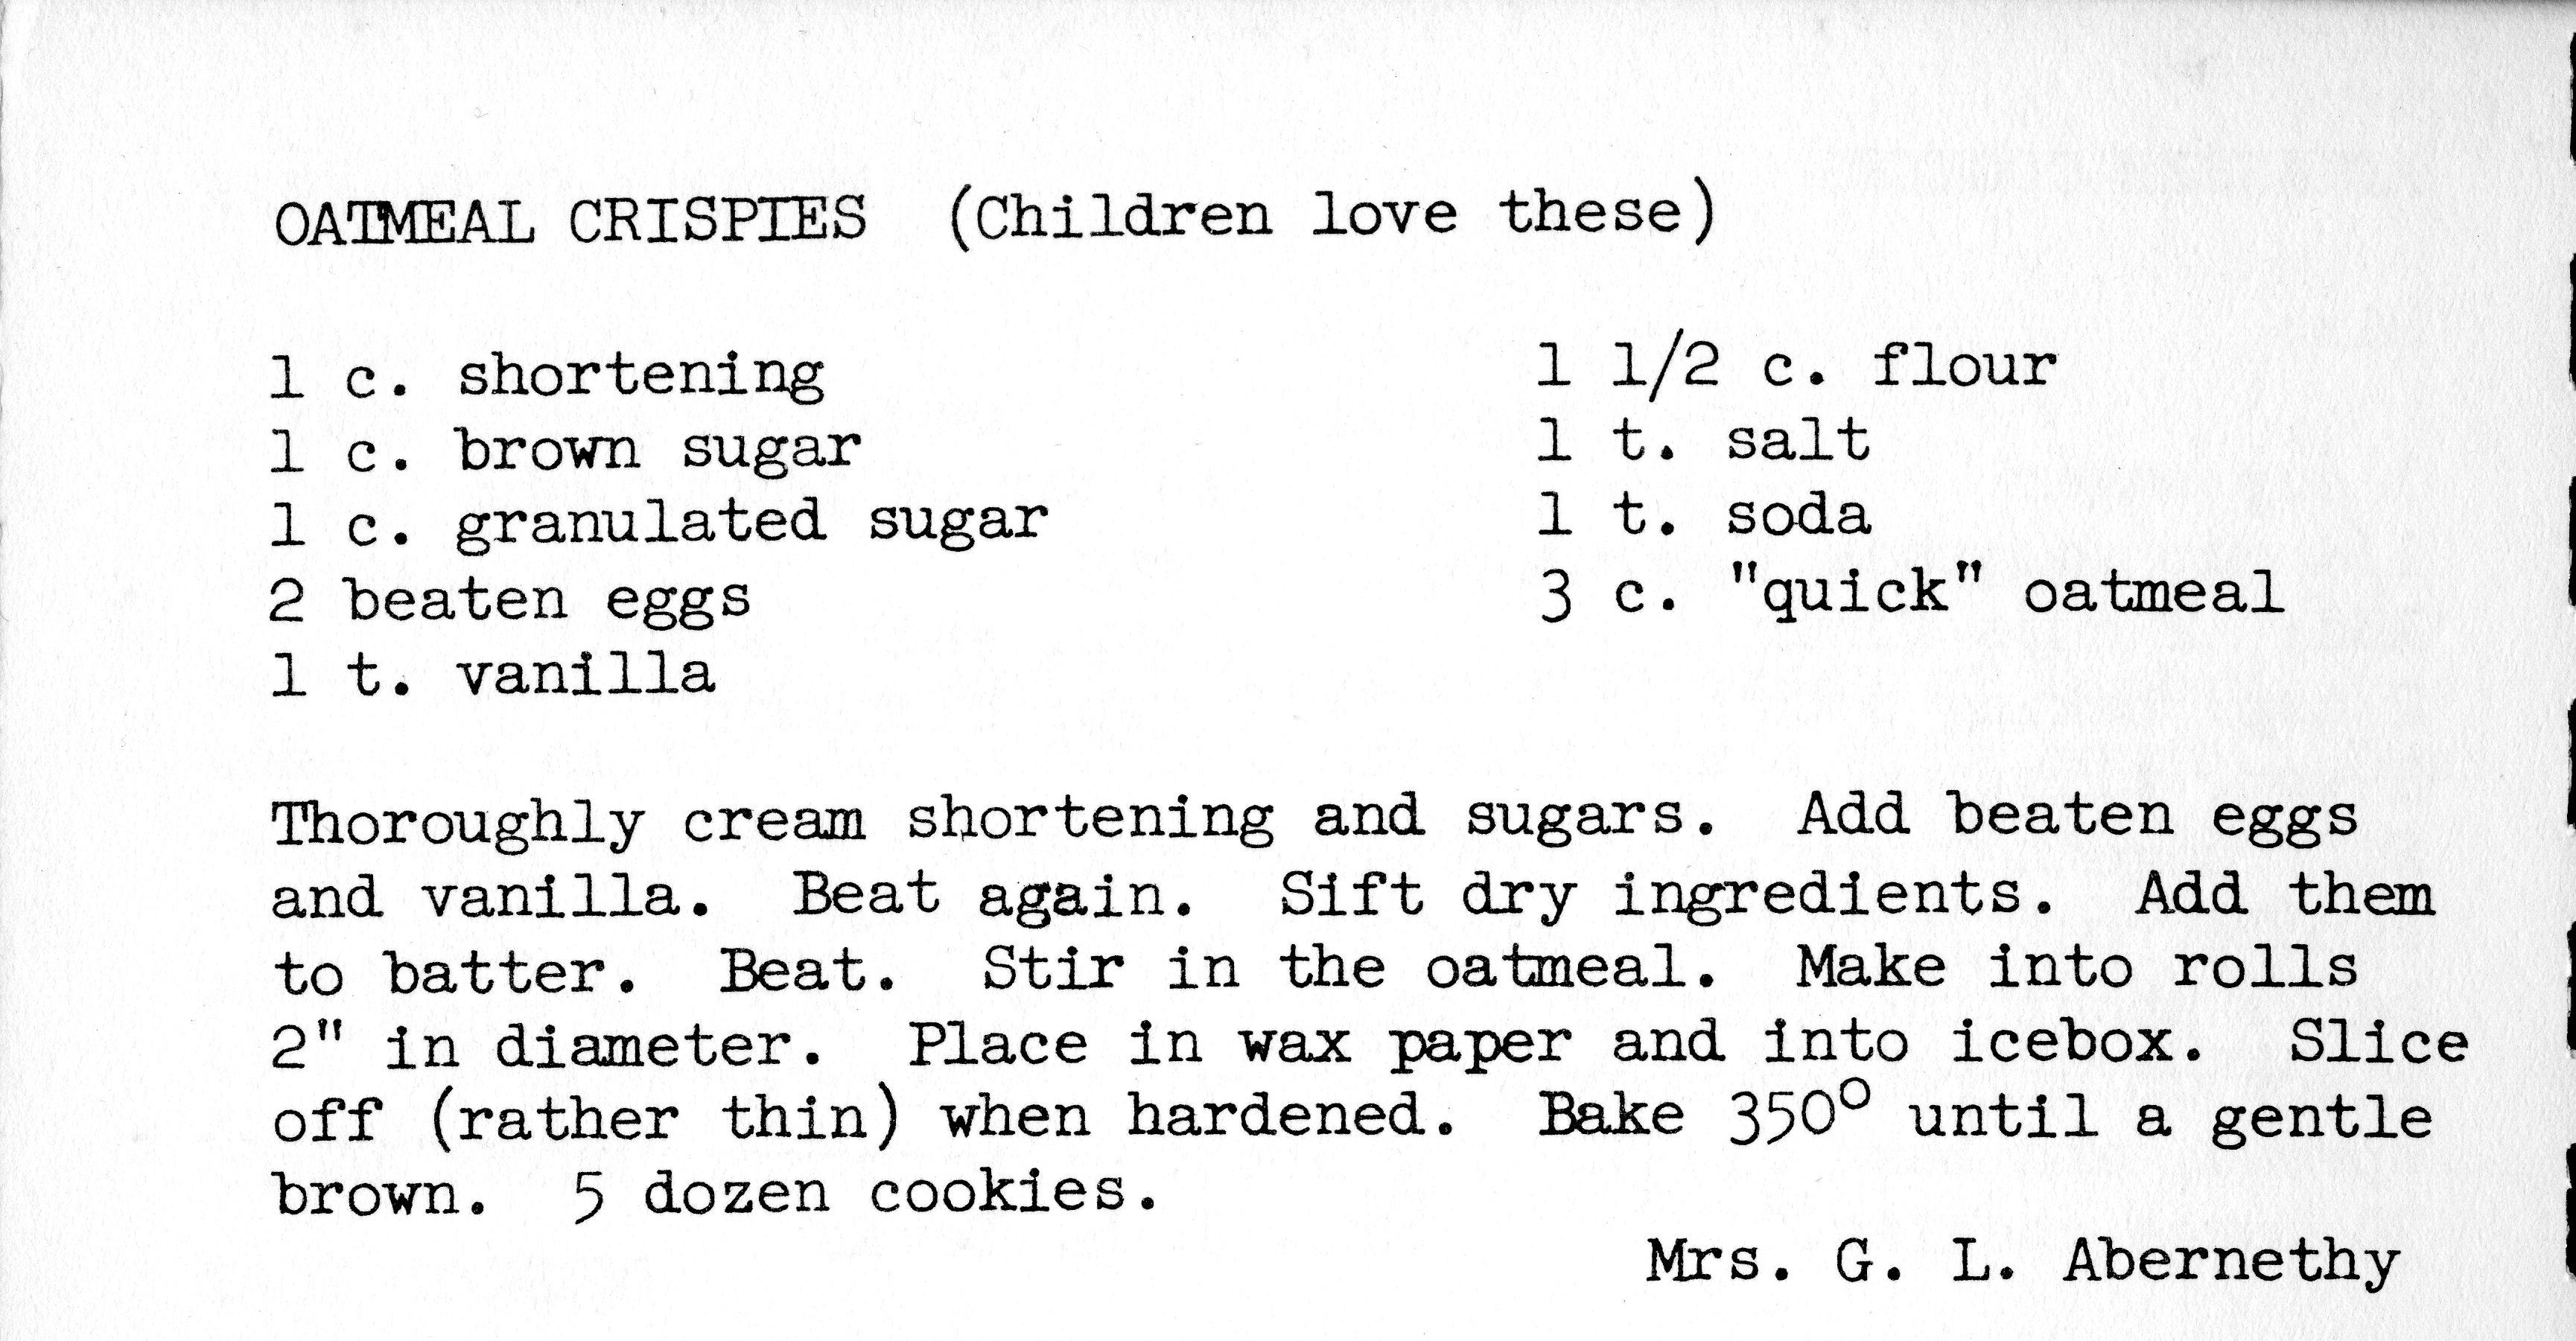 Helen Abernethy's Oatmeal Crispies recipe.